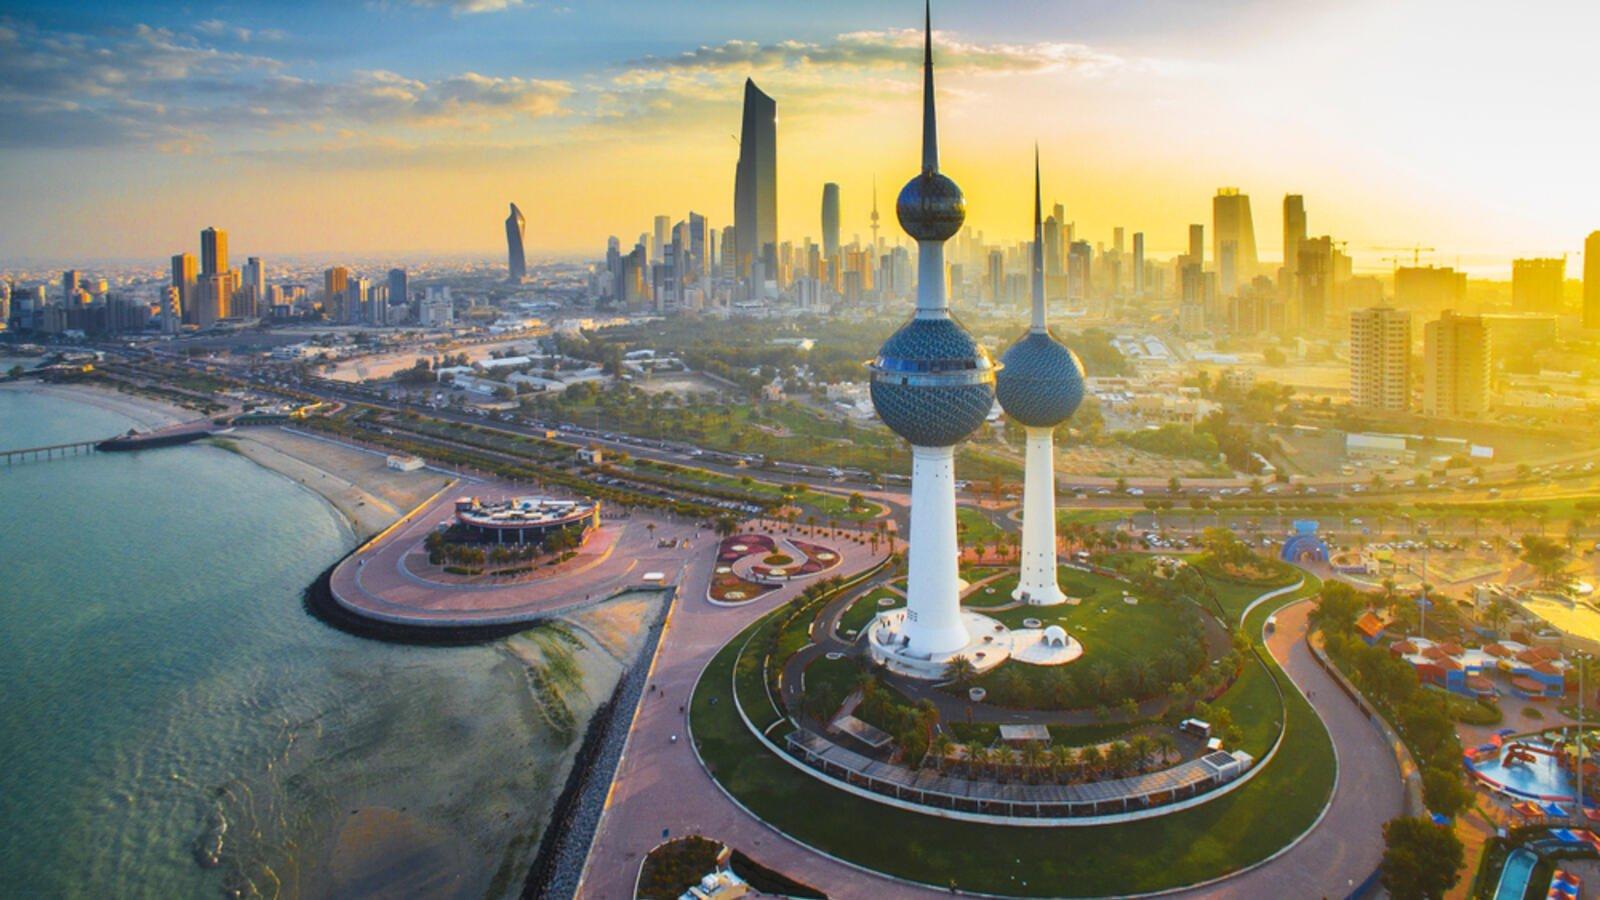 الكويت تجدد دعوتها لمواطنيها بعدم السفر الى العراق ومغادرة المتواجدين فورا